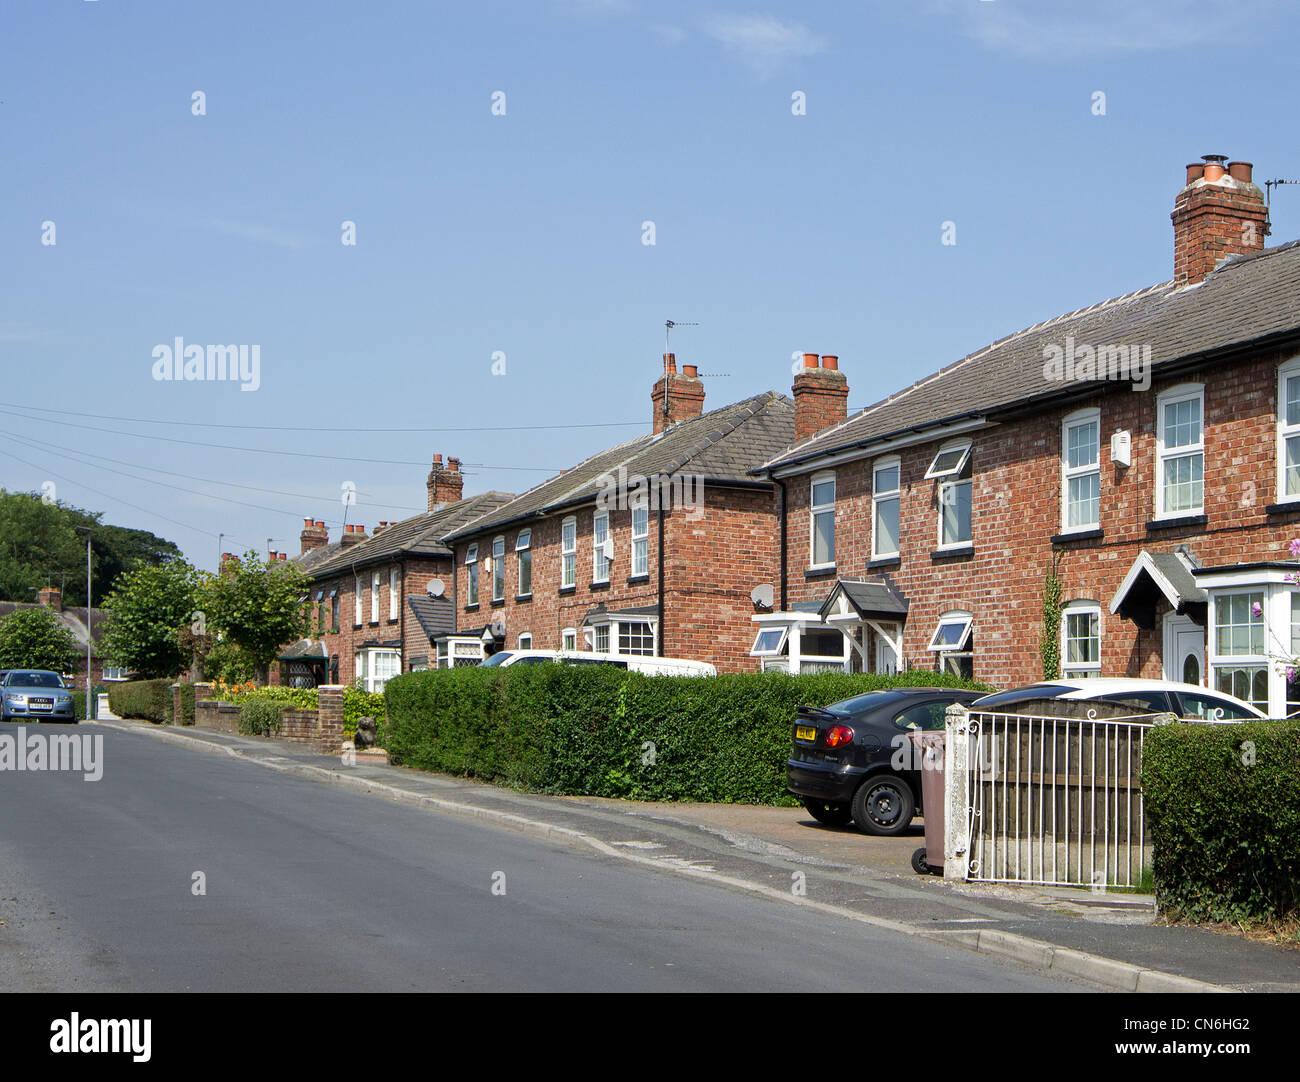 Une rue de banlieue tranquille près de Manchester, Royaume-Uni Photo Stock